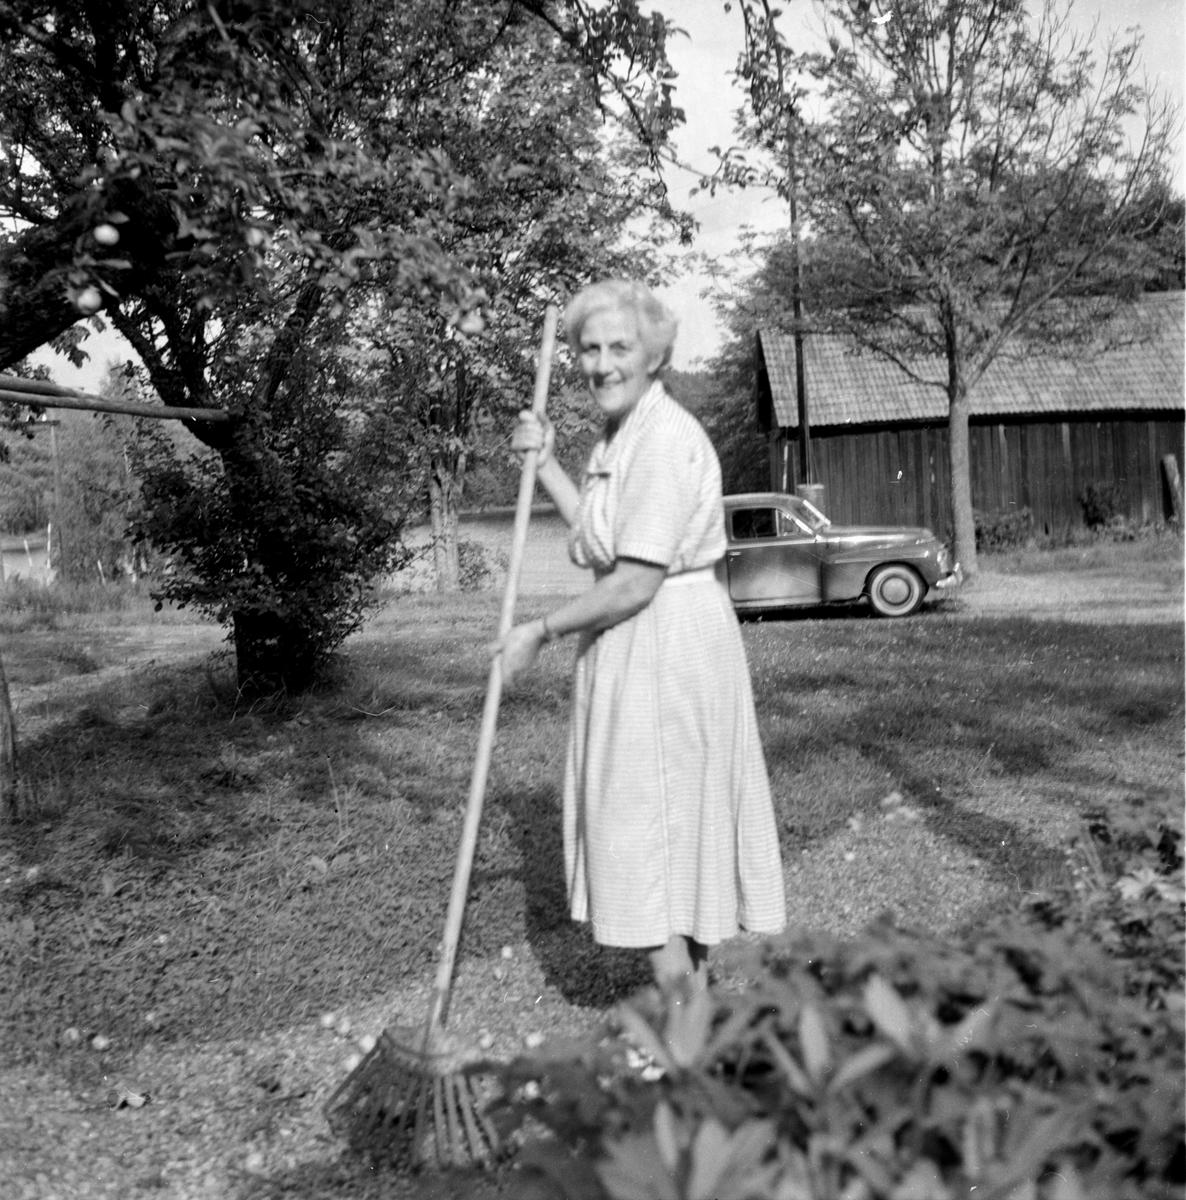 Strömbäck, Dag, Djuphällan, Hedemora. 12 aug. 1960